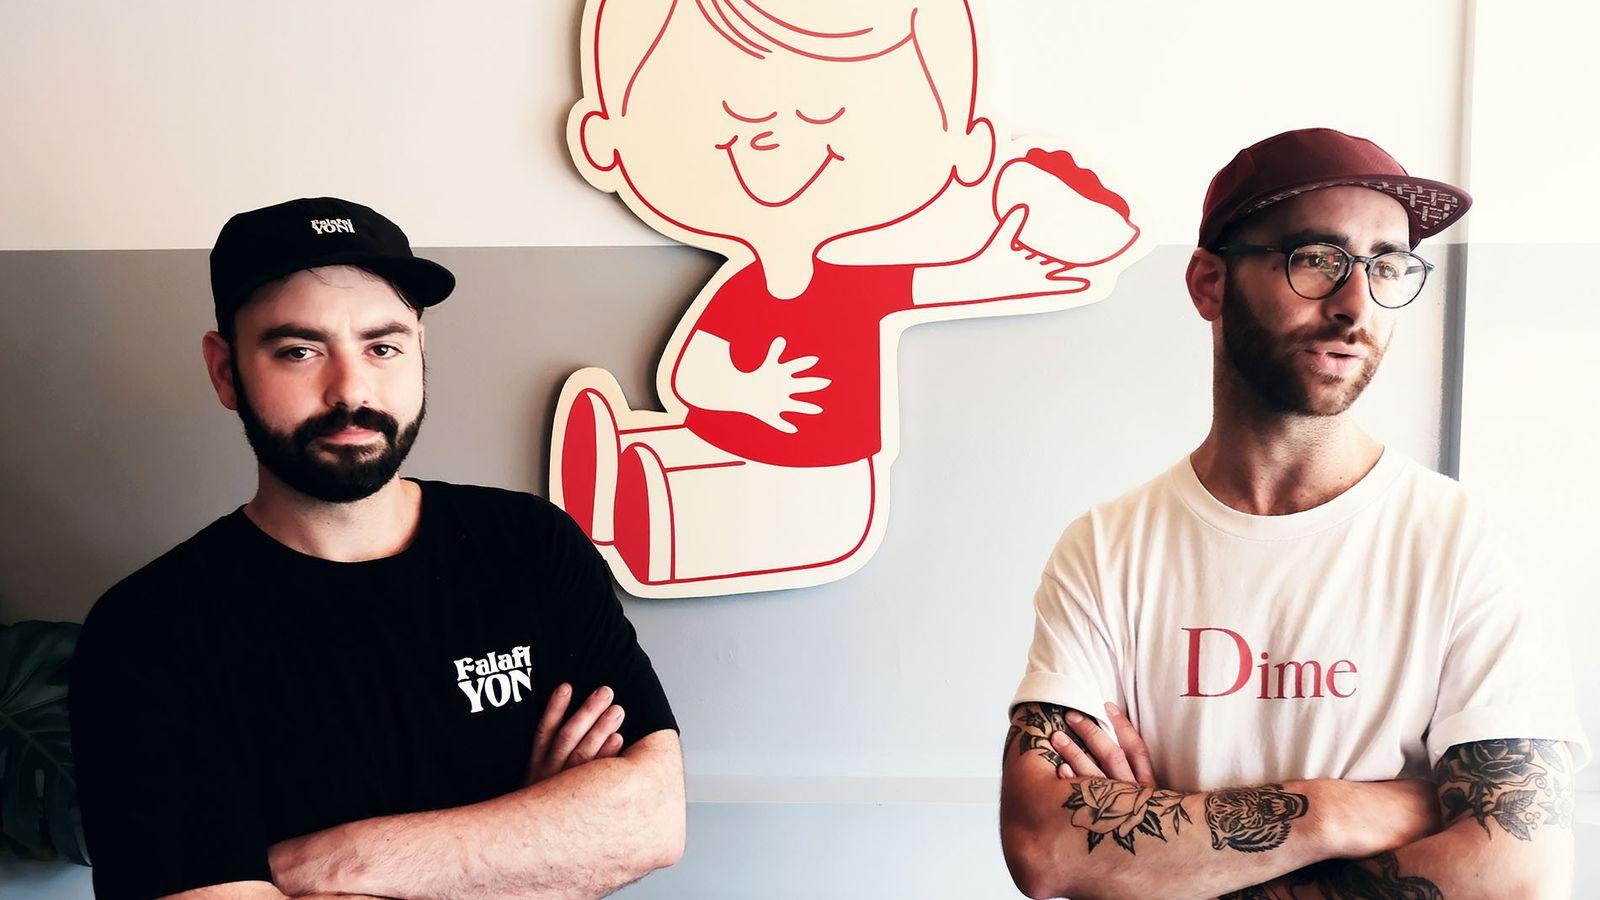 Falafel Yoni owners Daniel and Yoni